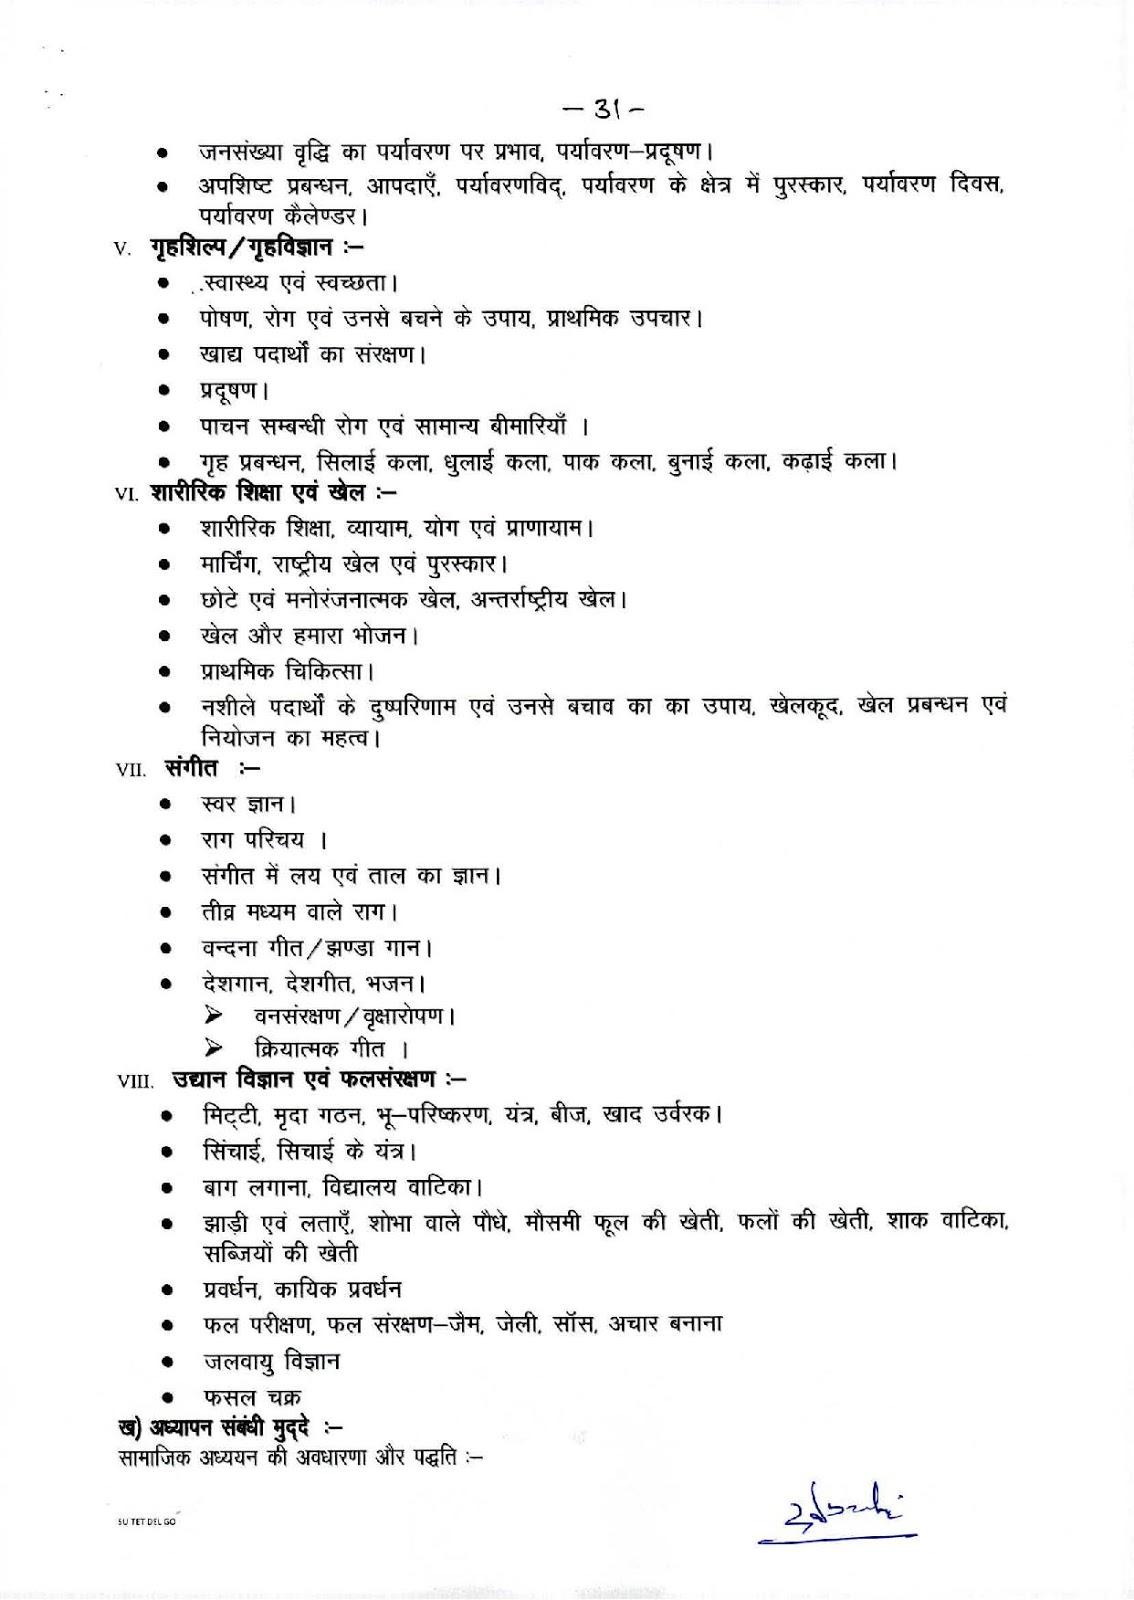 उच्च प्राथमिक पेपर-II (कक्षा 6 से 8 तक) पाठ्यक्रम देखे -8